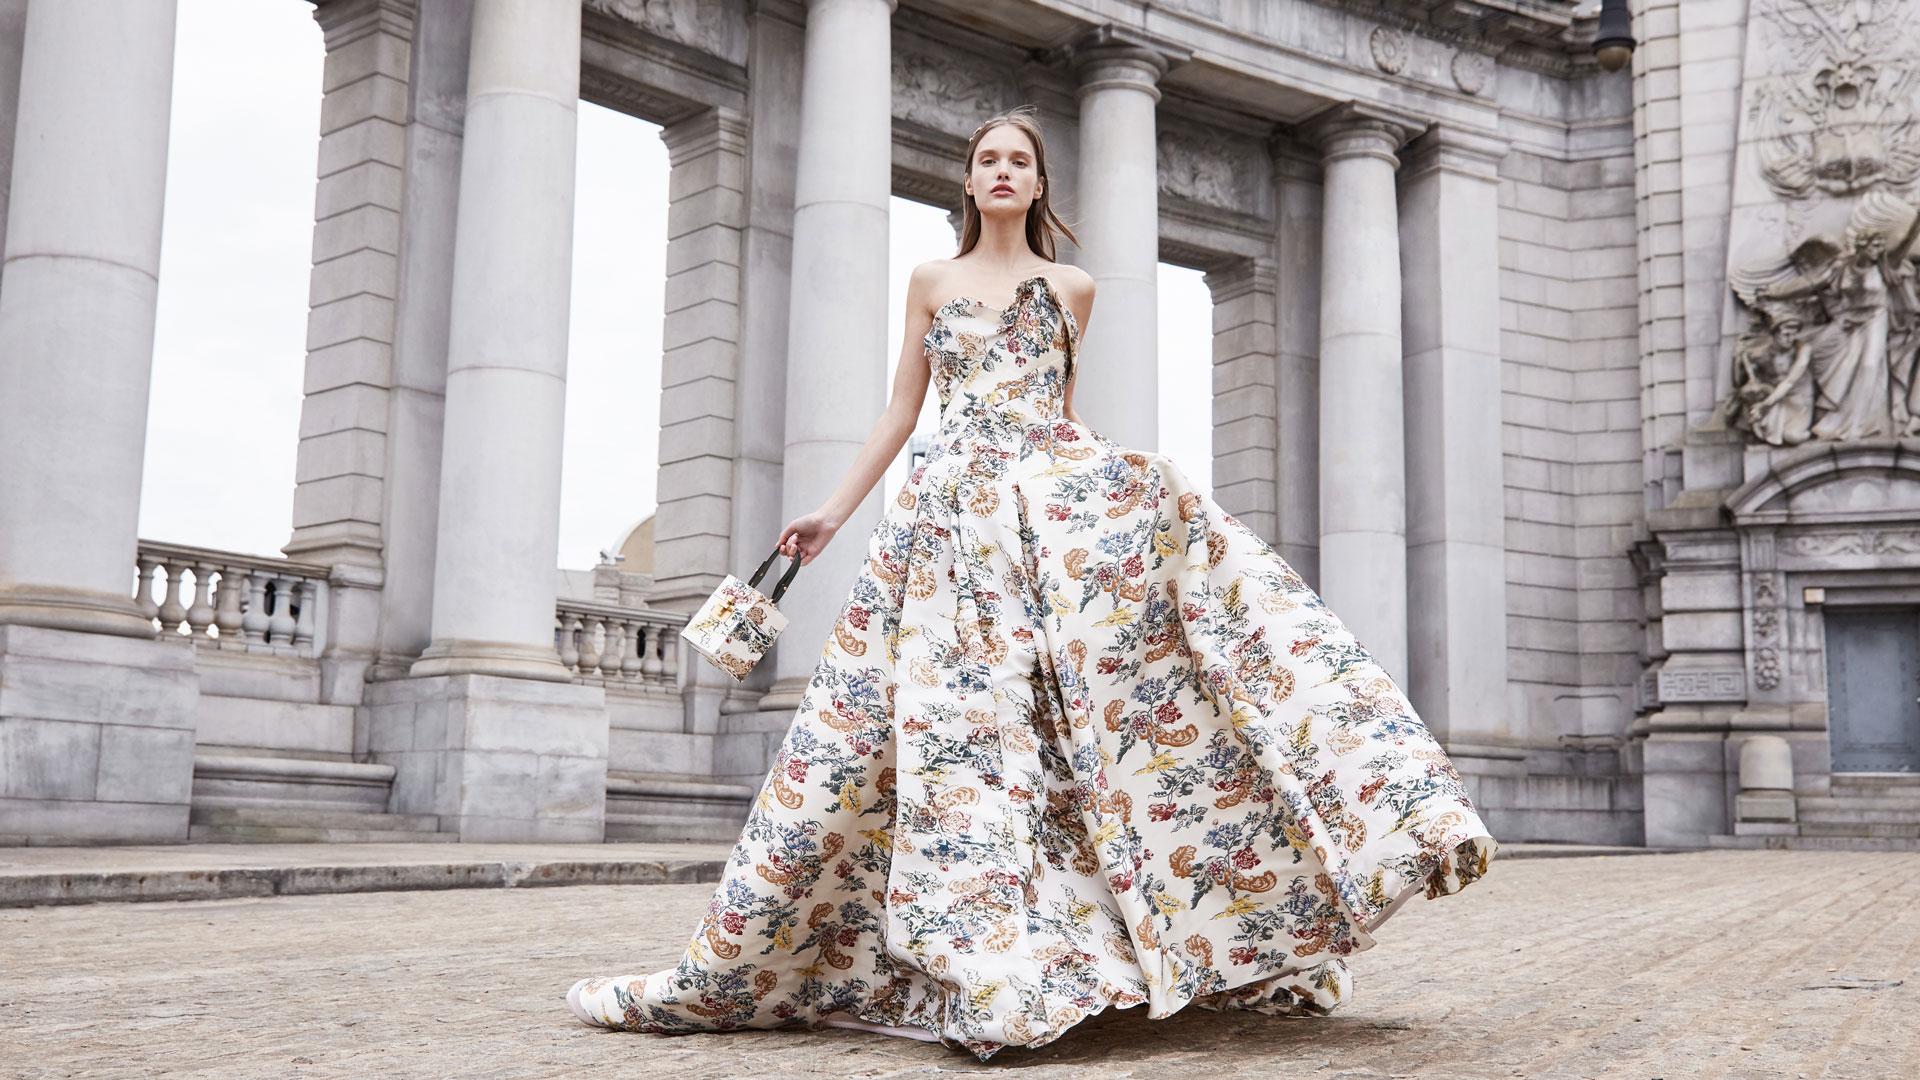 Saks Fifth Avenue Oscar de la Renta gown